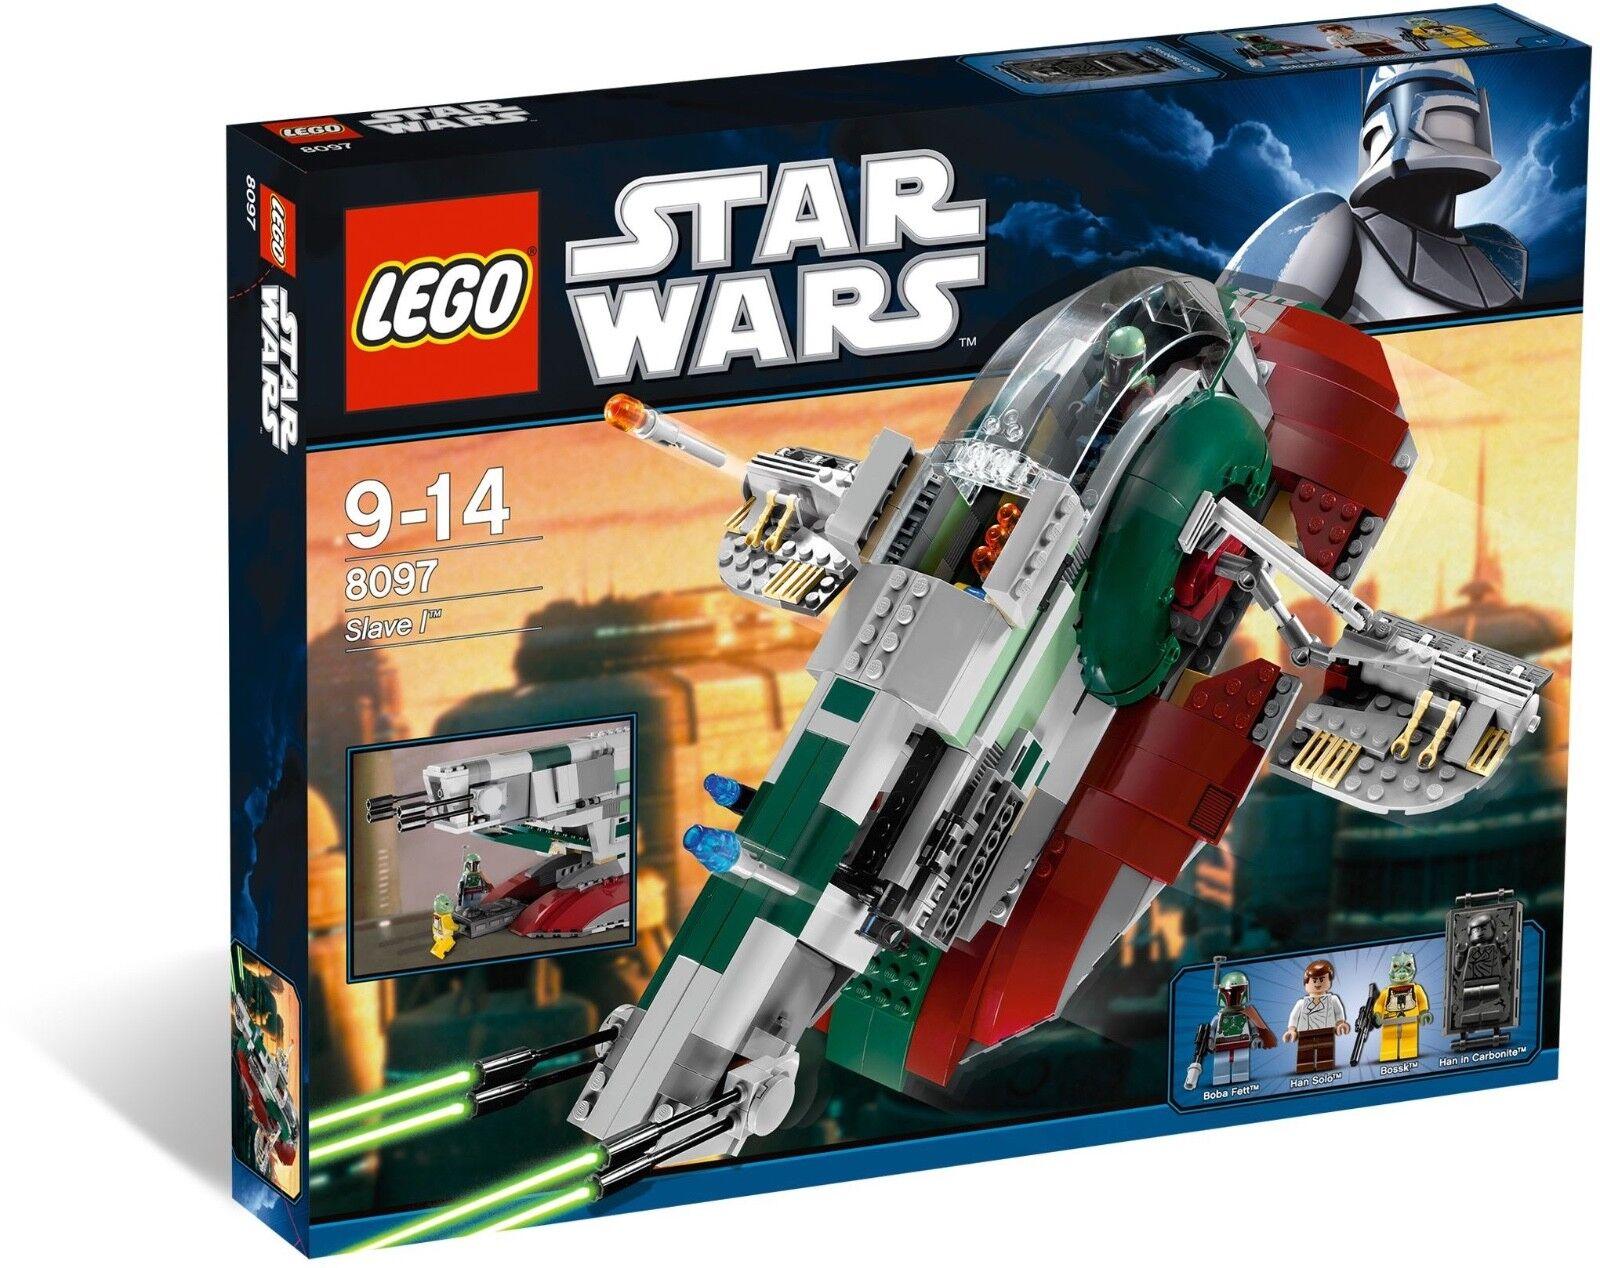 Nuevo  juego De Lego Star Wars Slave I 8097   Caja es ligeramente abollada